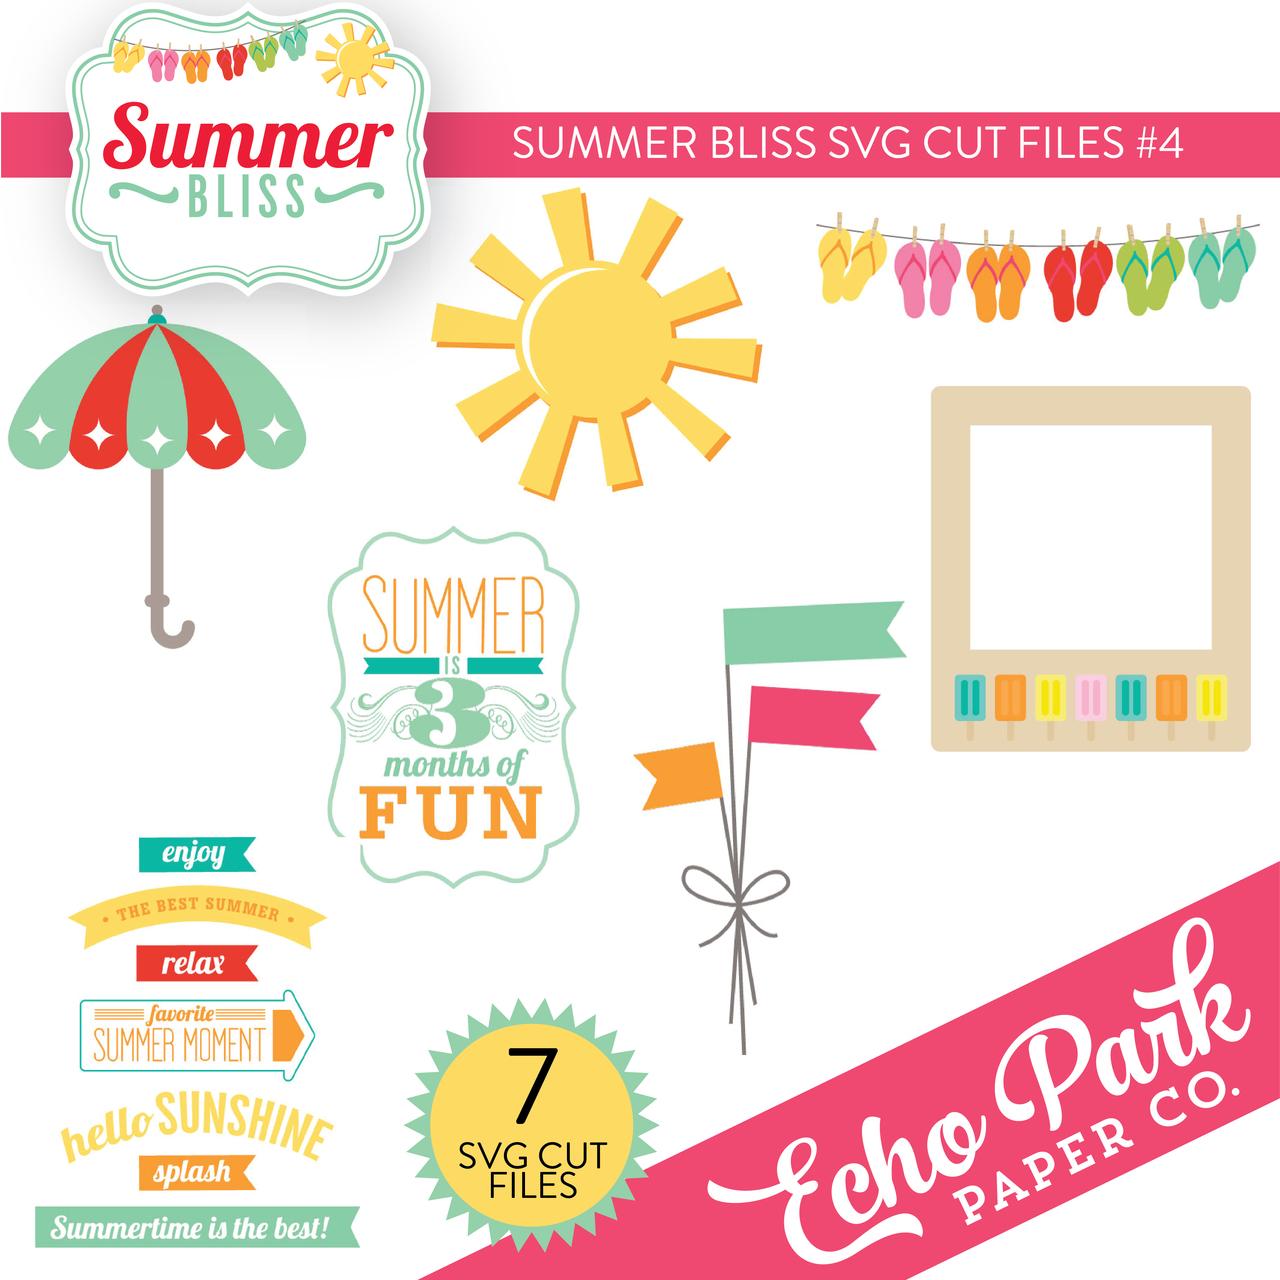 Summer Bliss SVG Cut Files #4